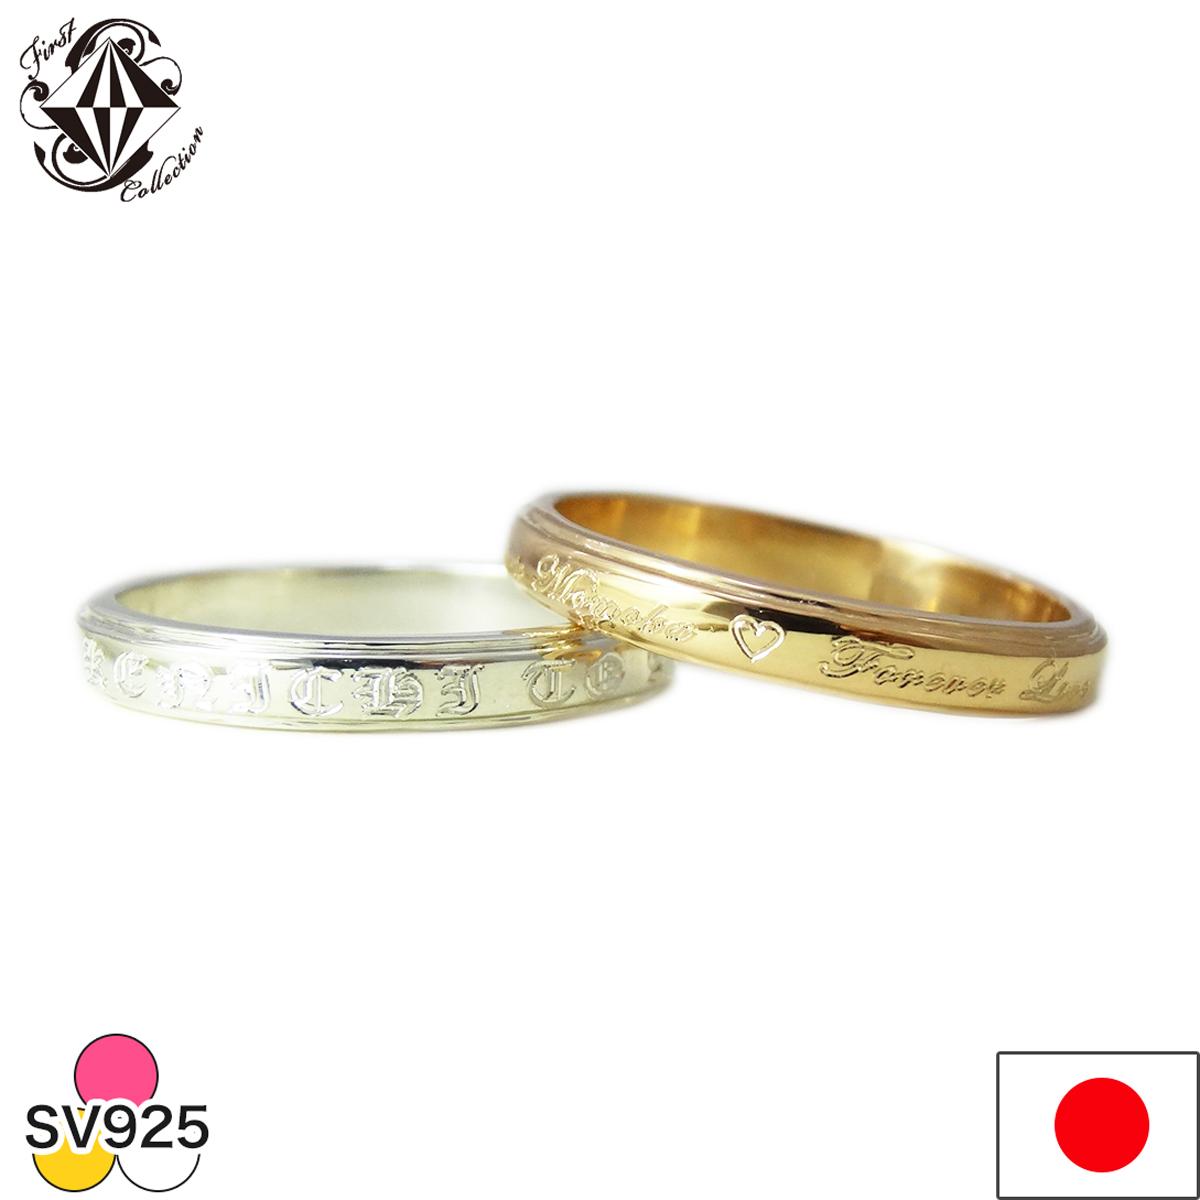 ペアリング カップル 表刻印 シルバーペアリング 指輪 結婚指輪 マリッジリング 2個セット 手作り指輪 オーダーメイド シルバー925 プレゼントにも 刻印無料 【楽ギフ_メッセ入力】【楽ギフ_名入れ】